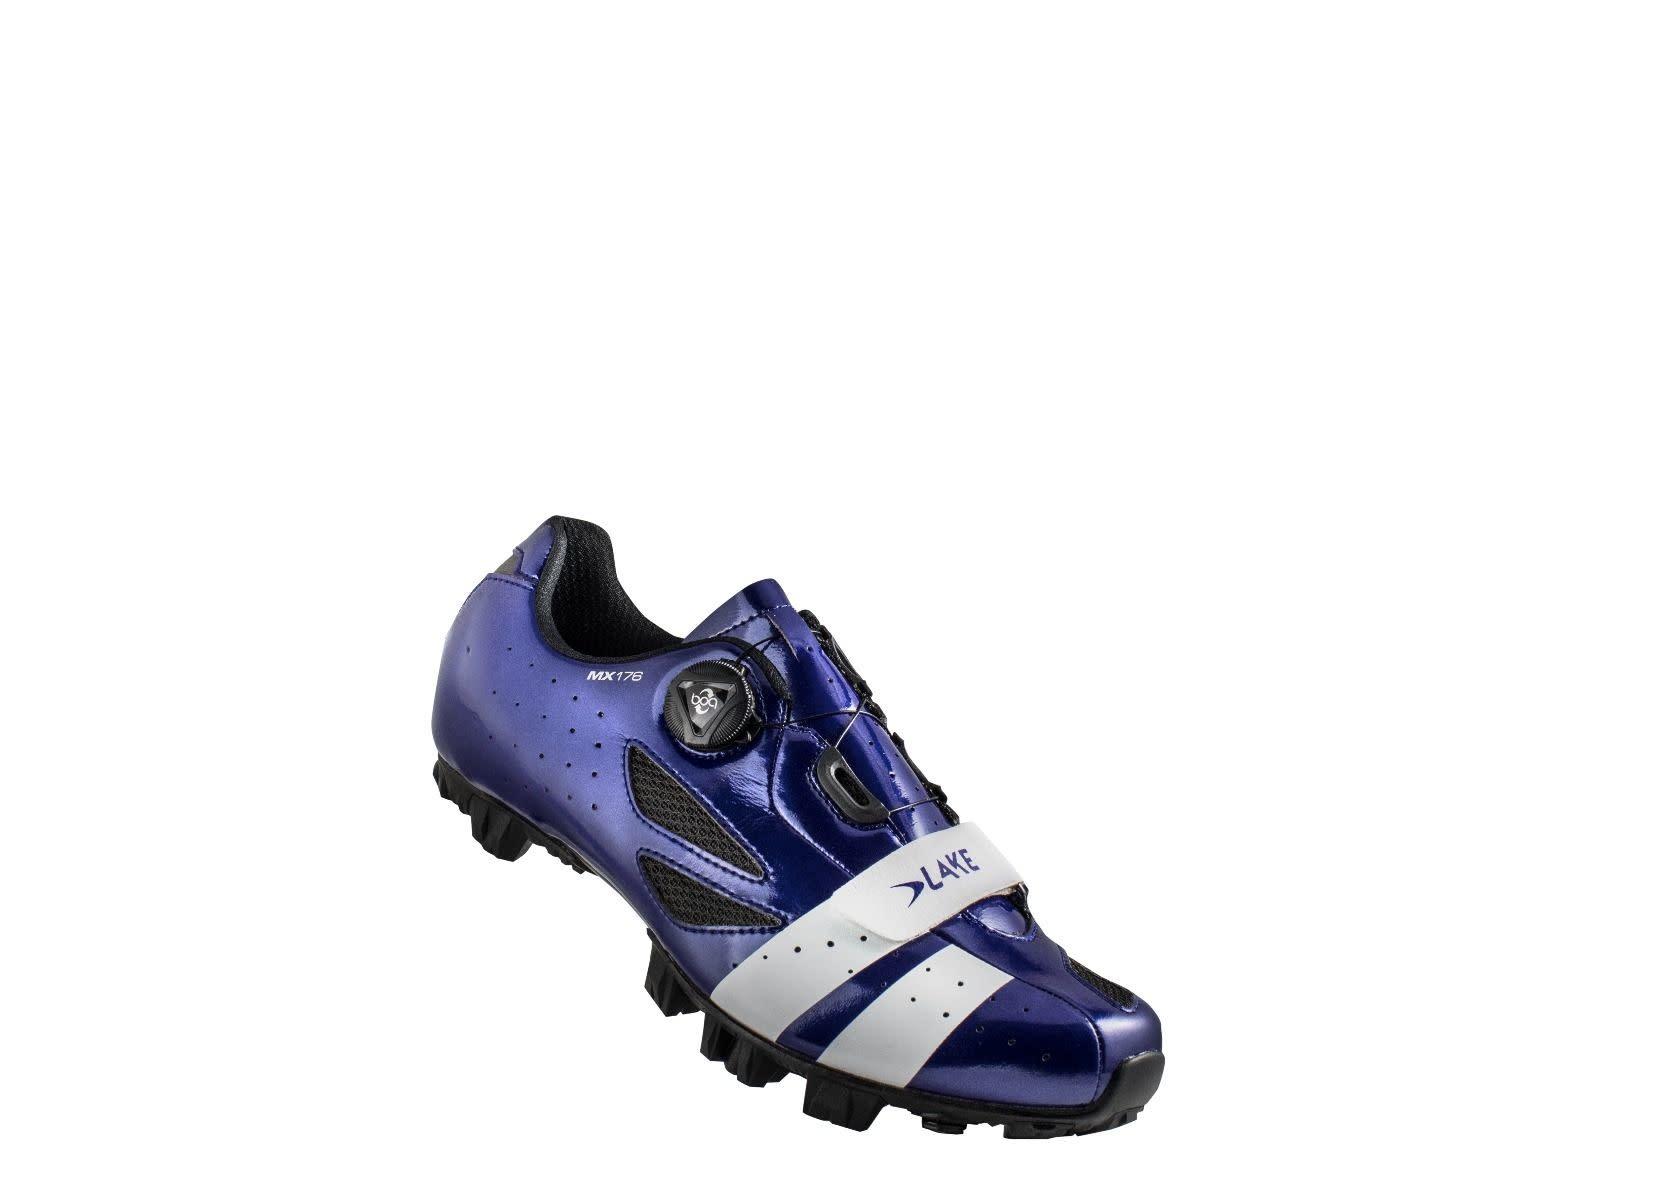 LAKE Lake MX176 Navy Blue/White 41 Cycling Shoes